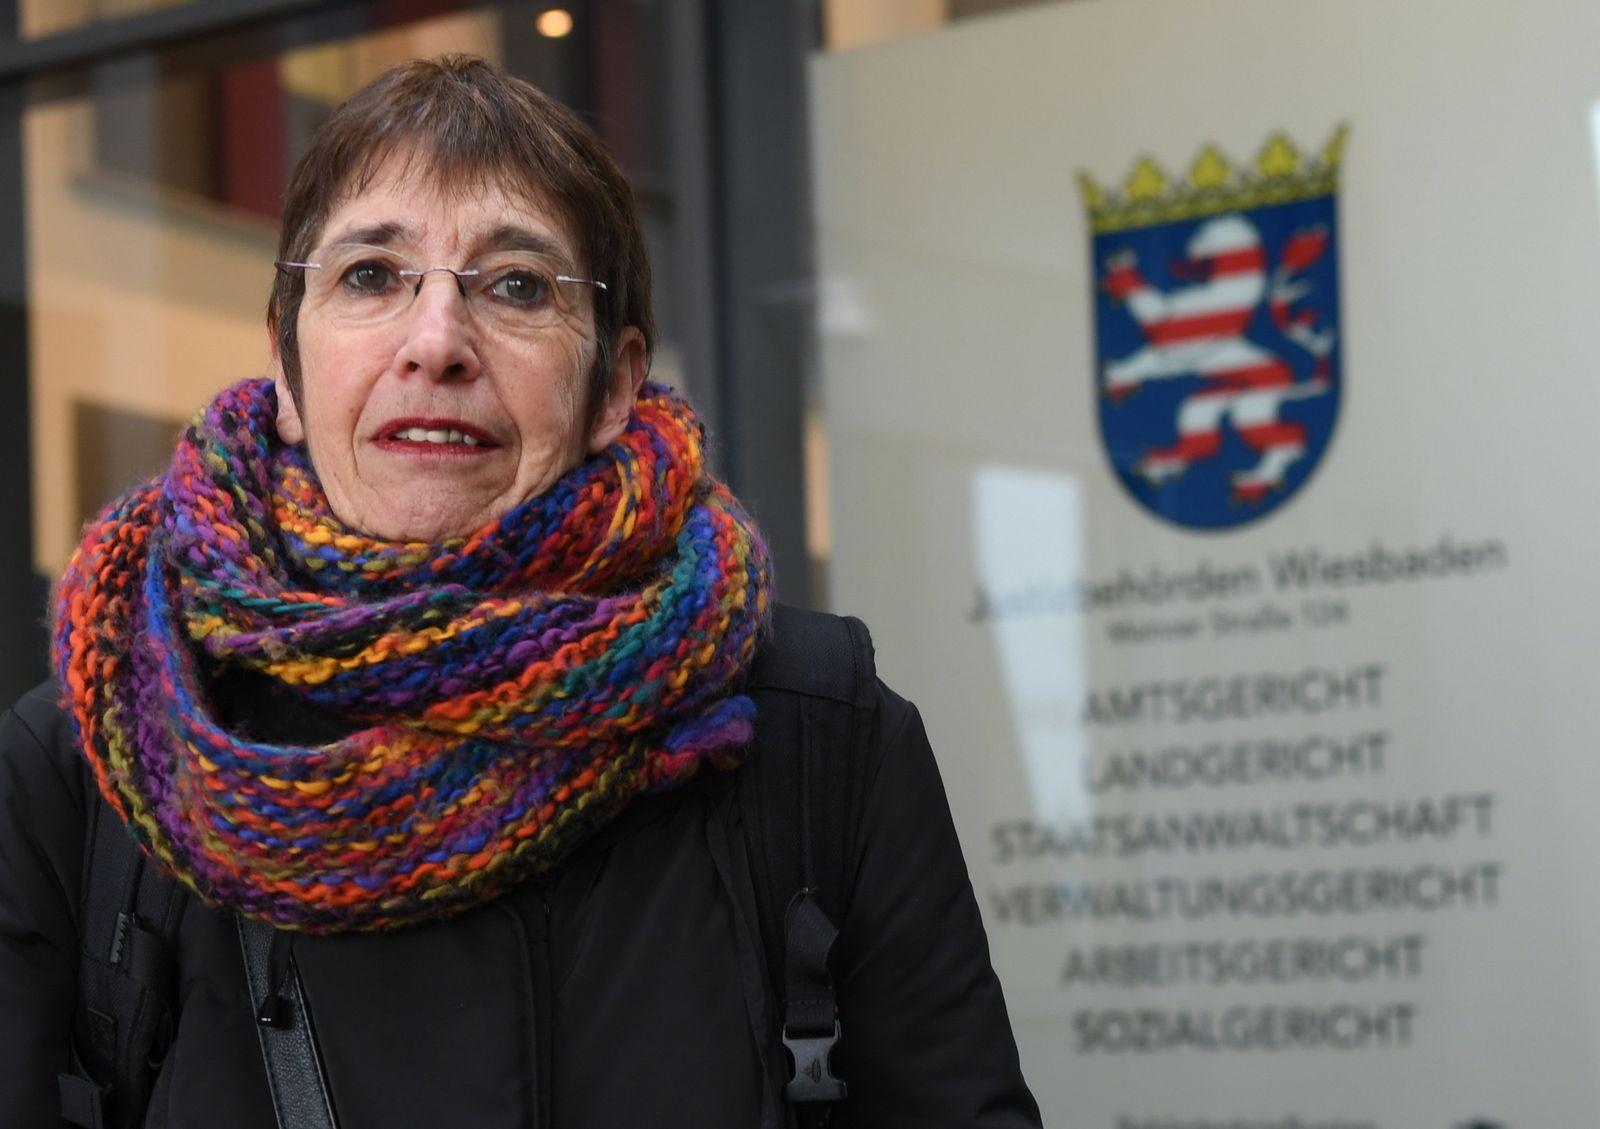 Silvia Gingold klagt gegen Land Hessen